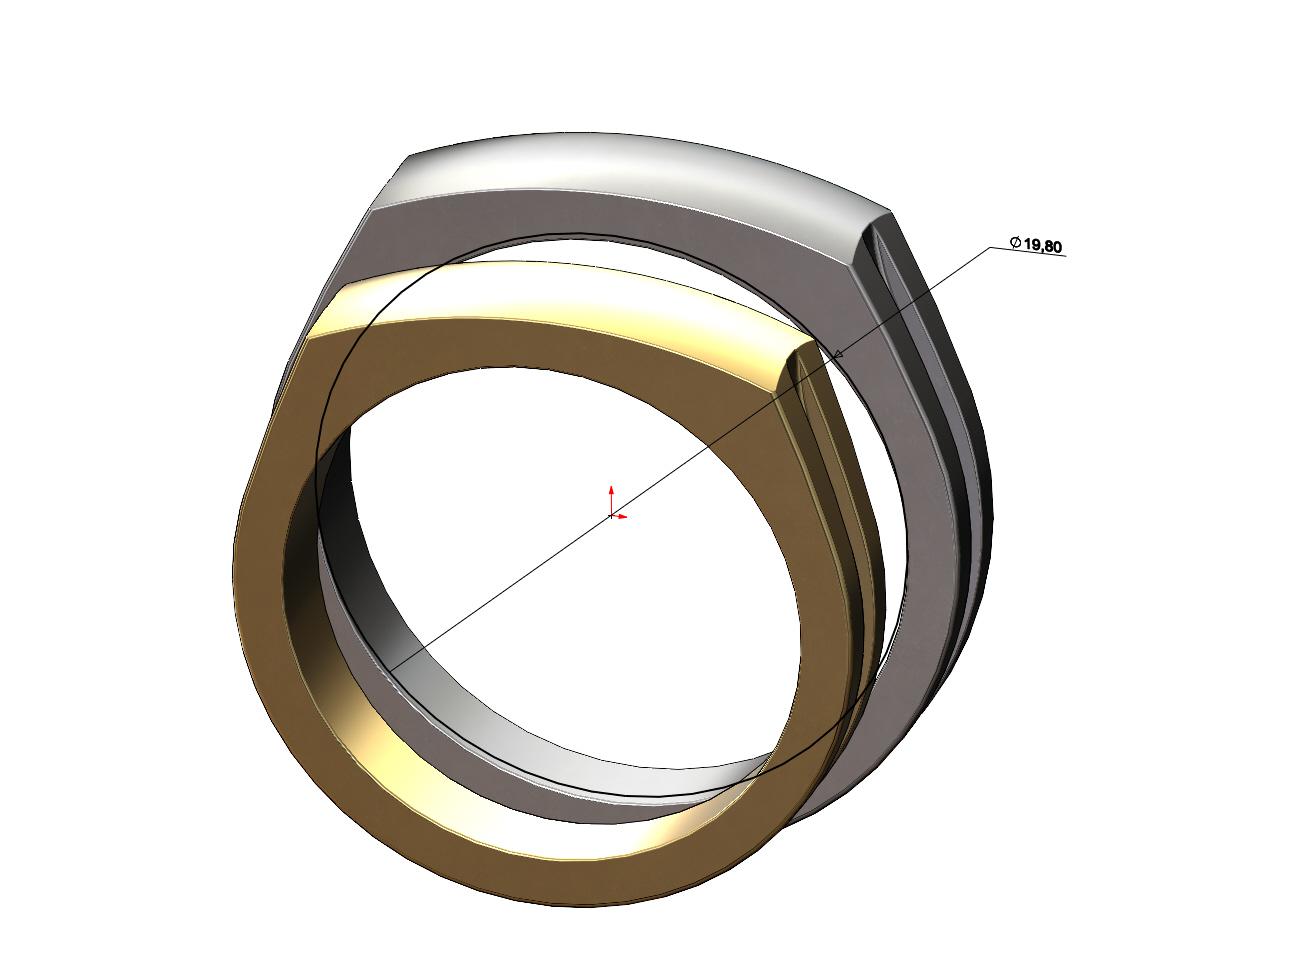 dome-signet-ring-07.JPG Télécharger fichier 3MF Modèle d'impression 3D de la bague de signature du dôme • Modèle imprimable en 3D, RachidSW